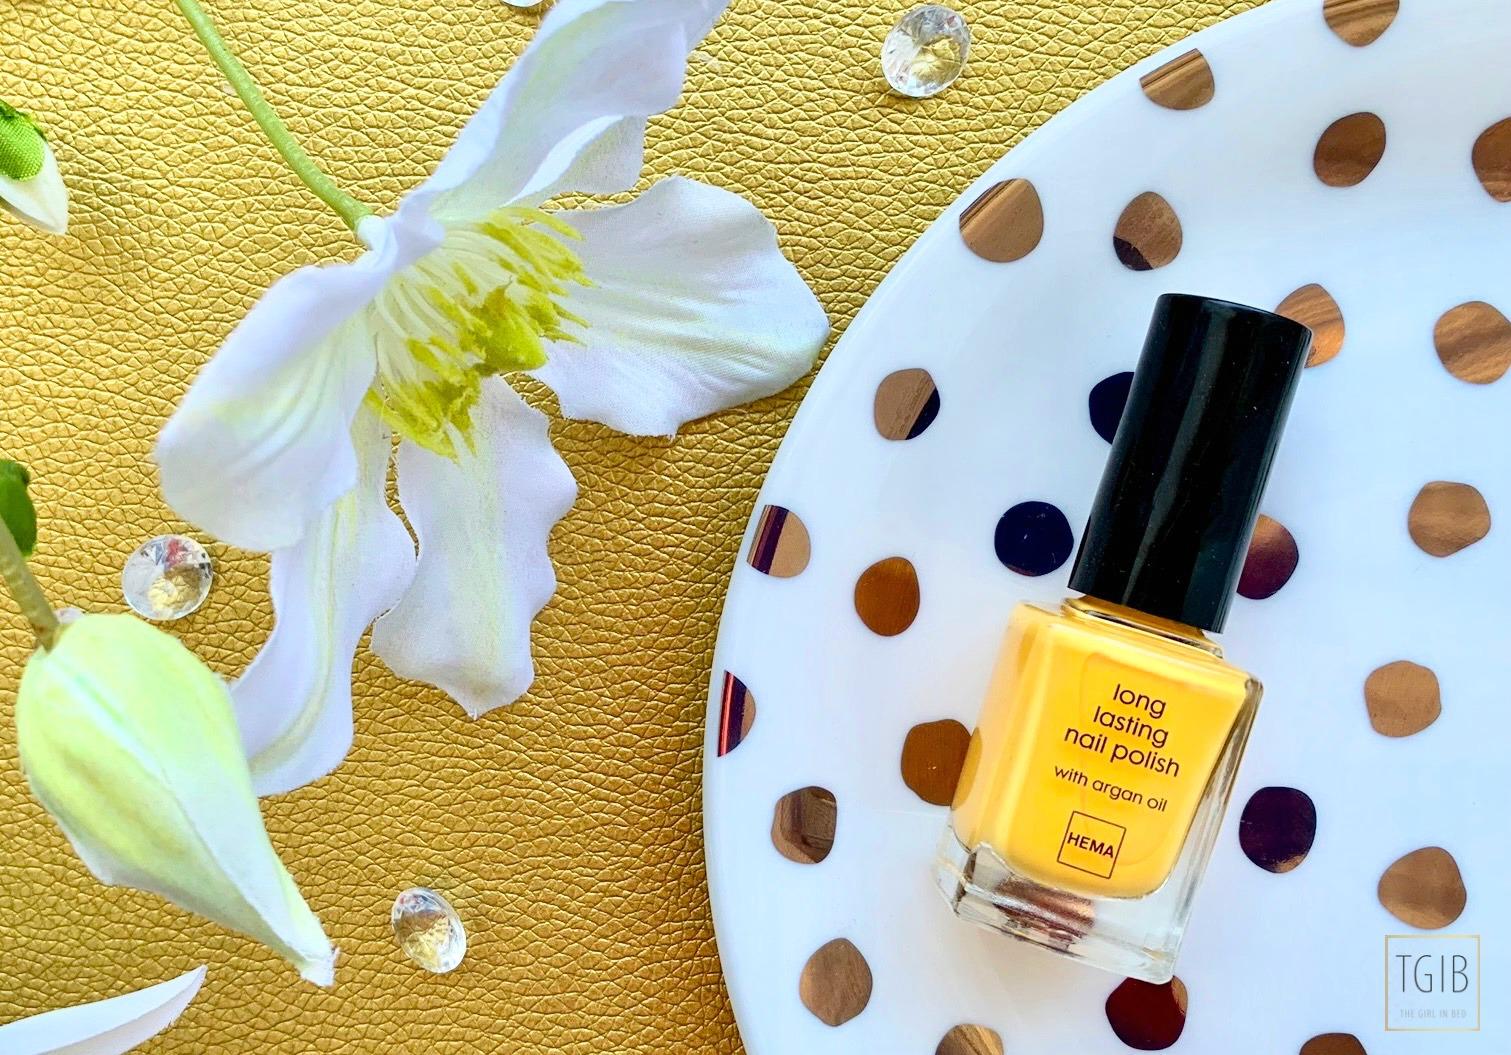 yellow nail polish Hema